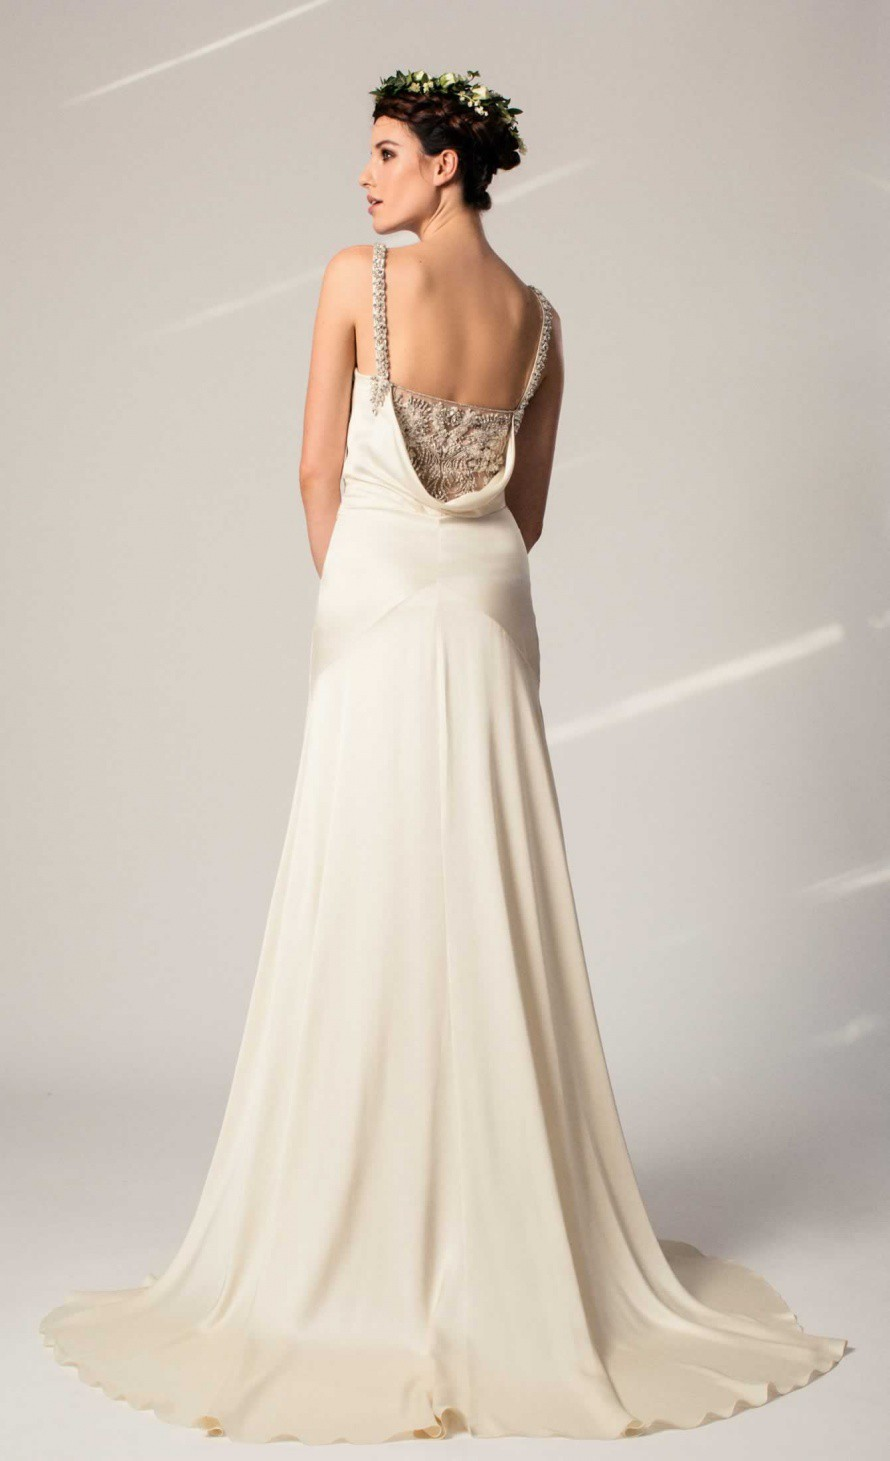 Temperley london celine pre owned wedding dress on sale 50 for Temperley wedding dress sale